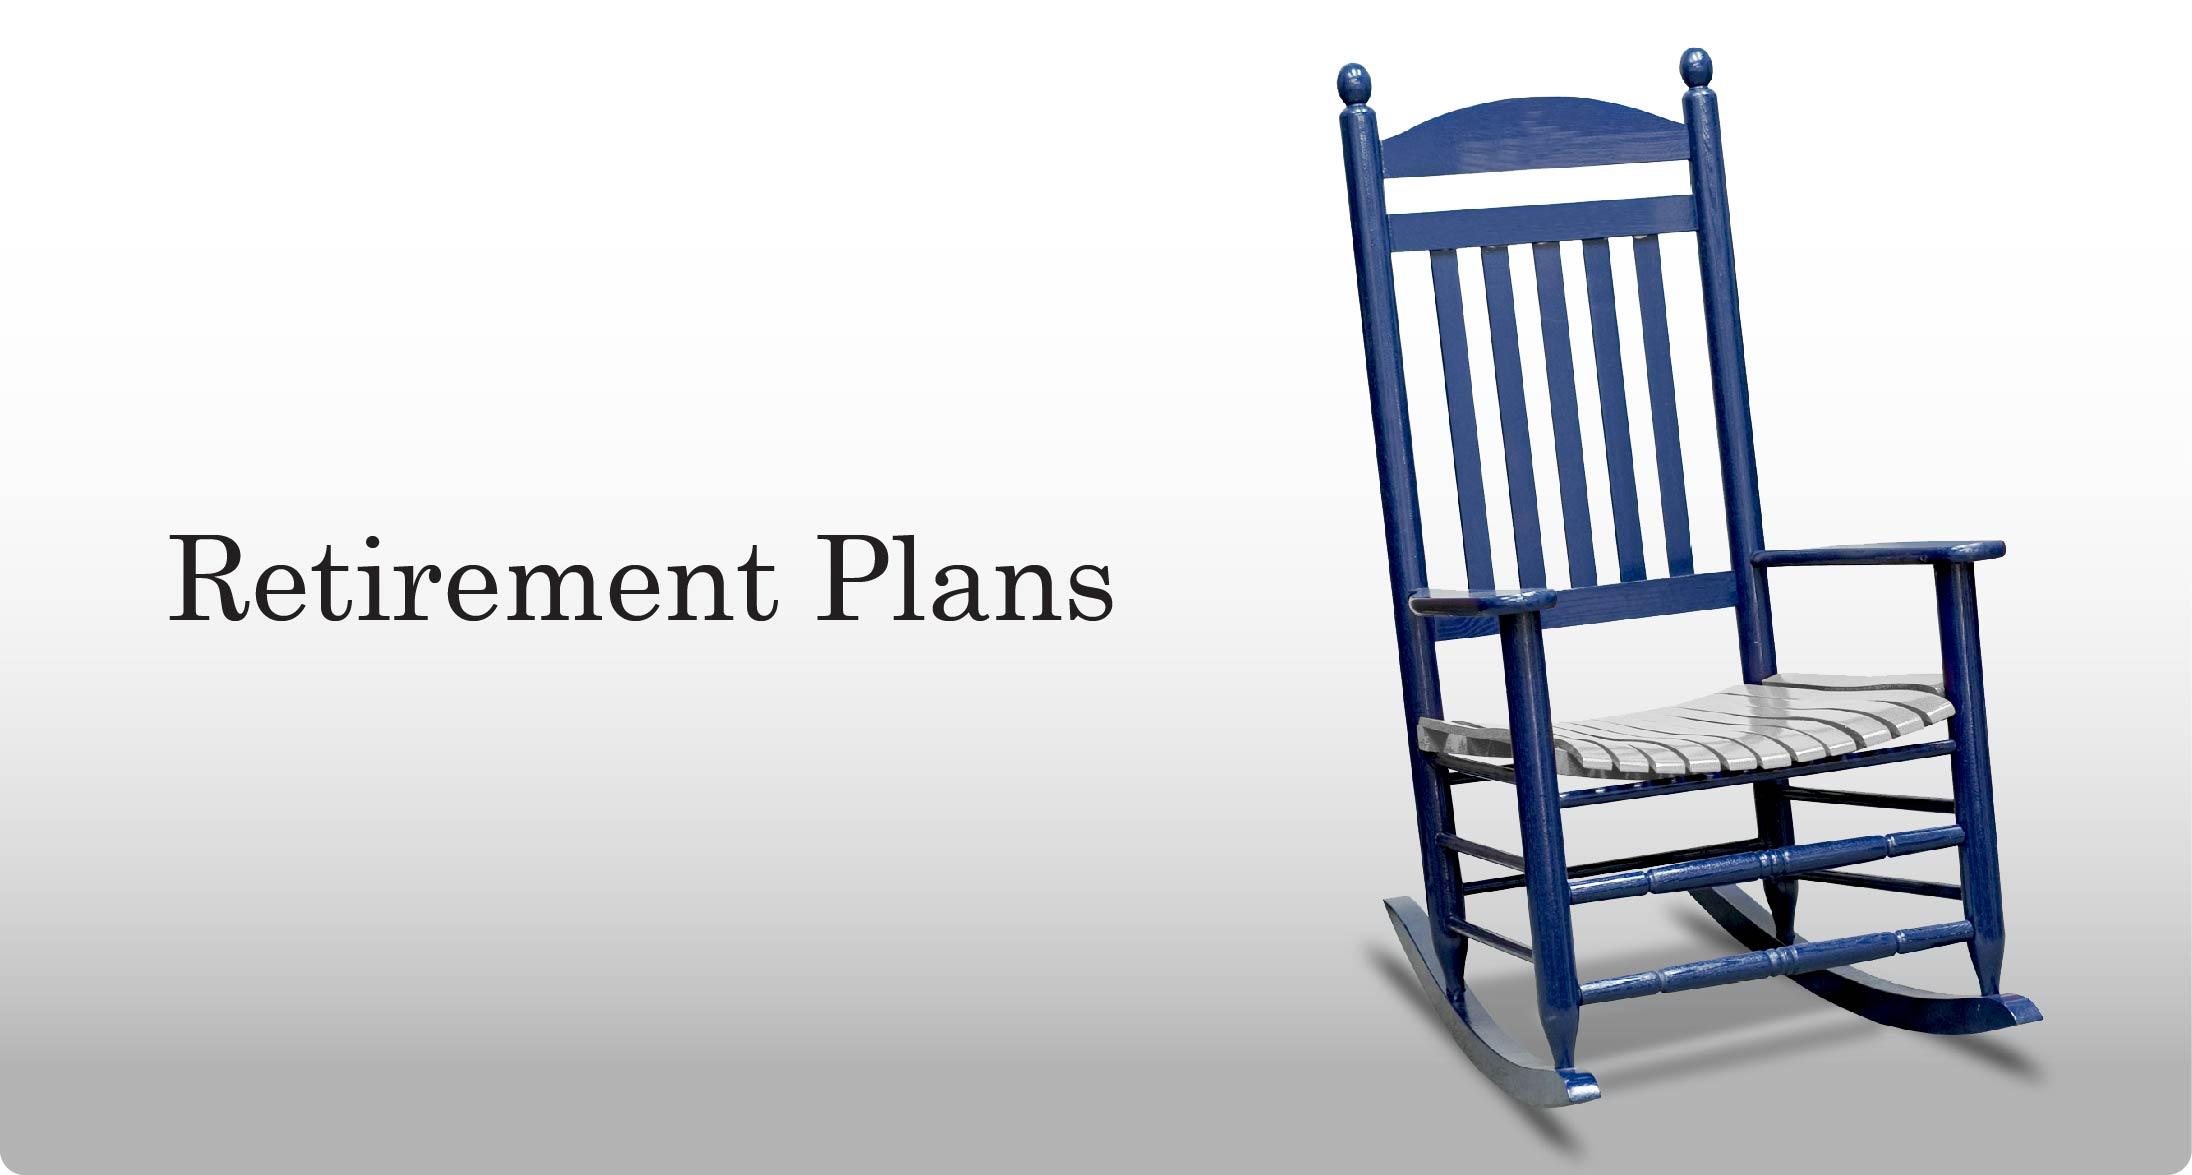 Image result for retiremnet planning